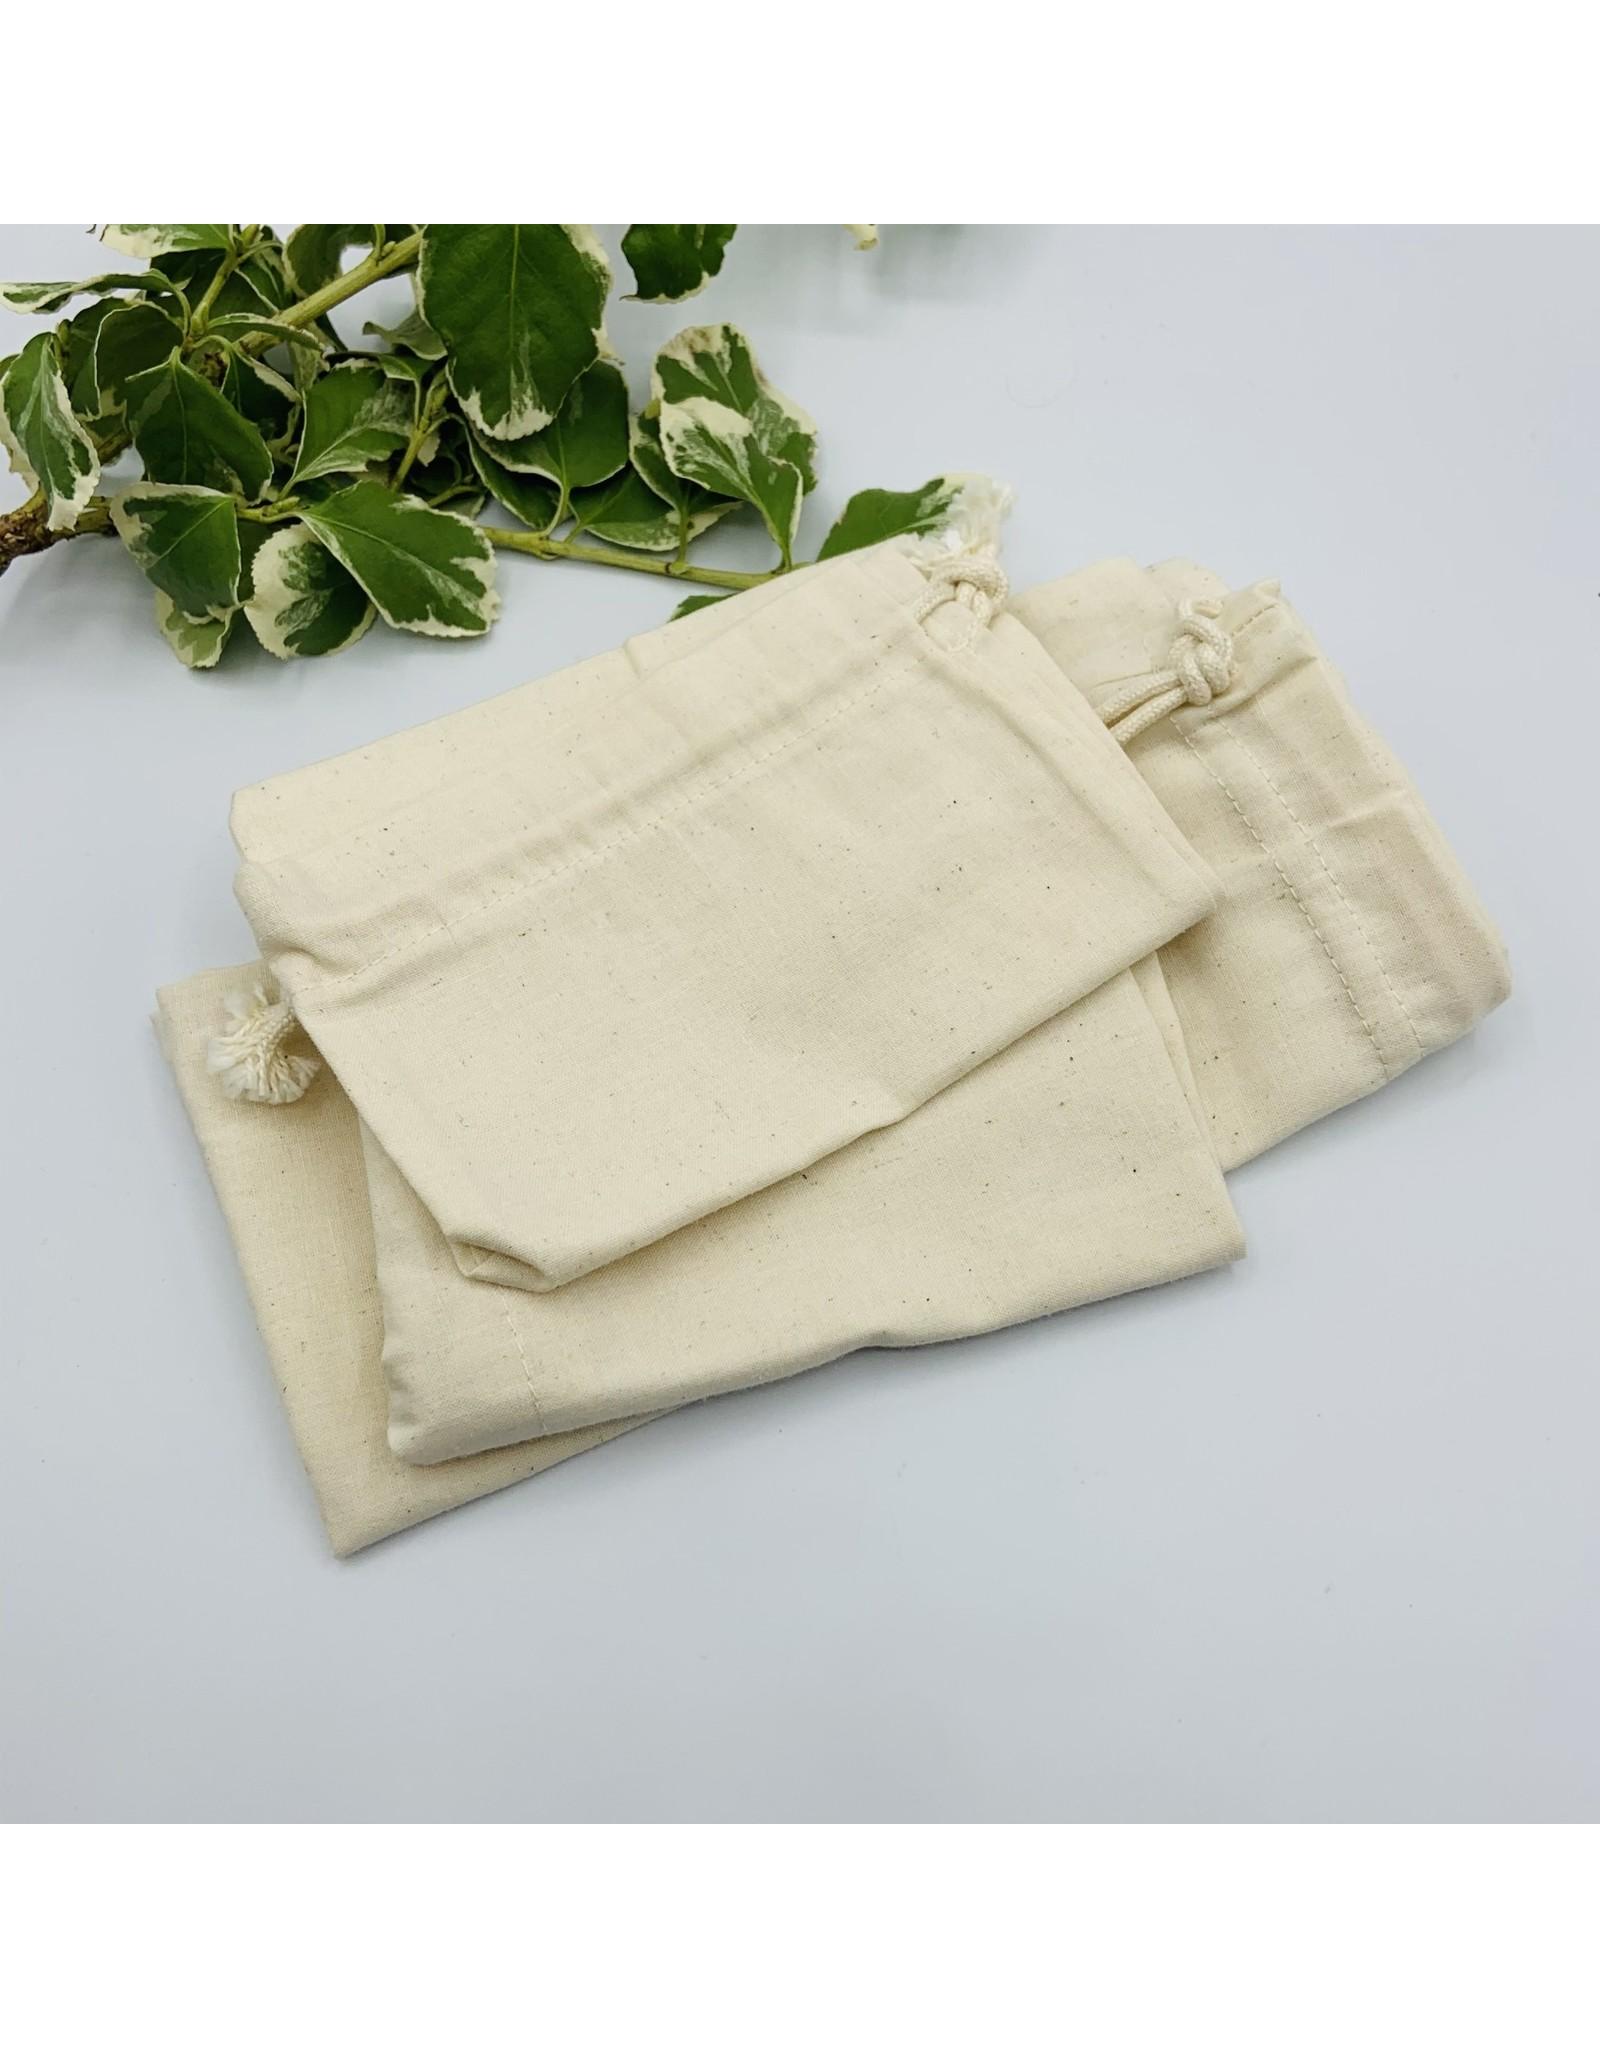 Credo Bags 3-Pack Reusable Bulk Bags